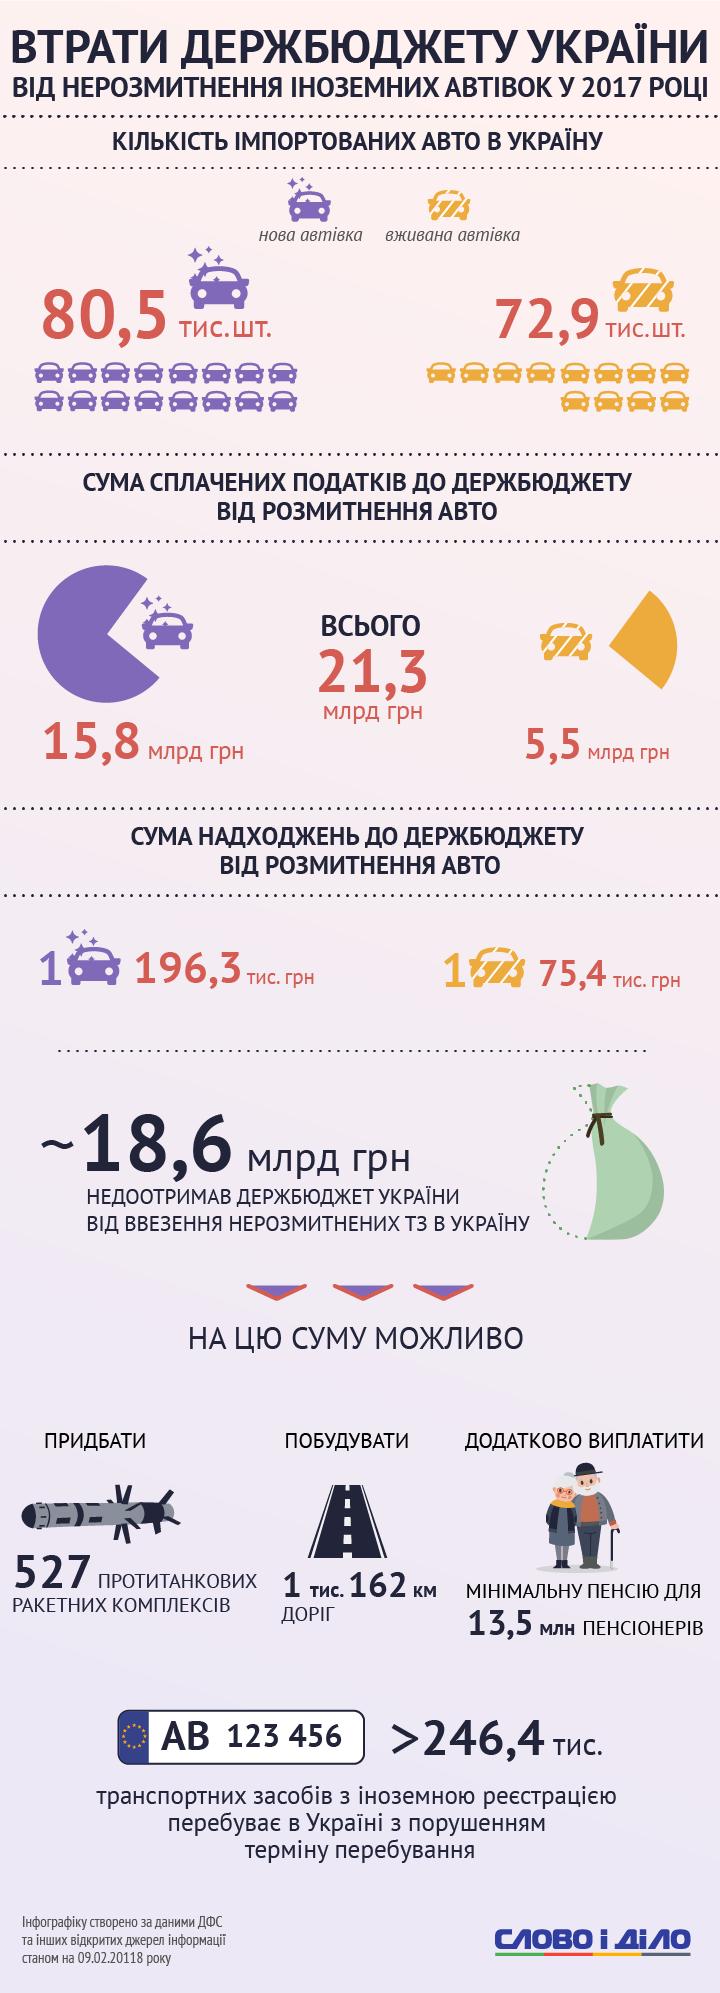 Сколько денег потерял бюджет от нерастаможенных иномарок в 2017 году (инфографика)